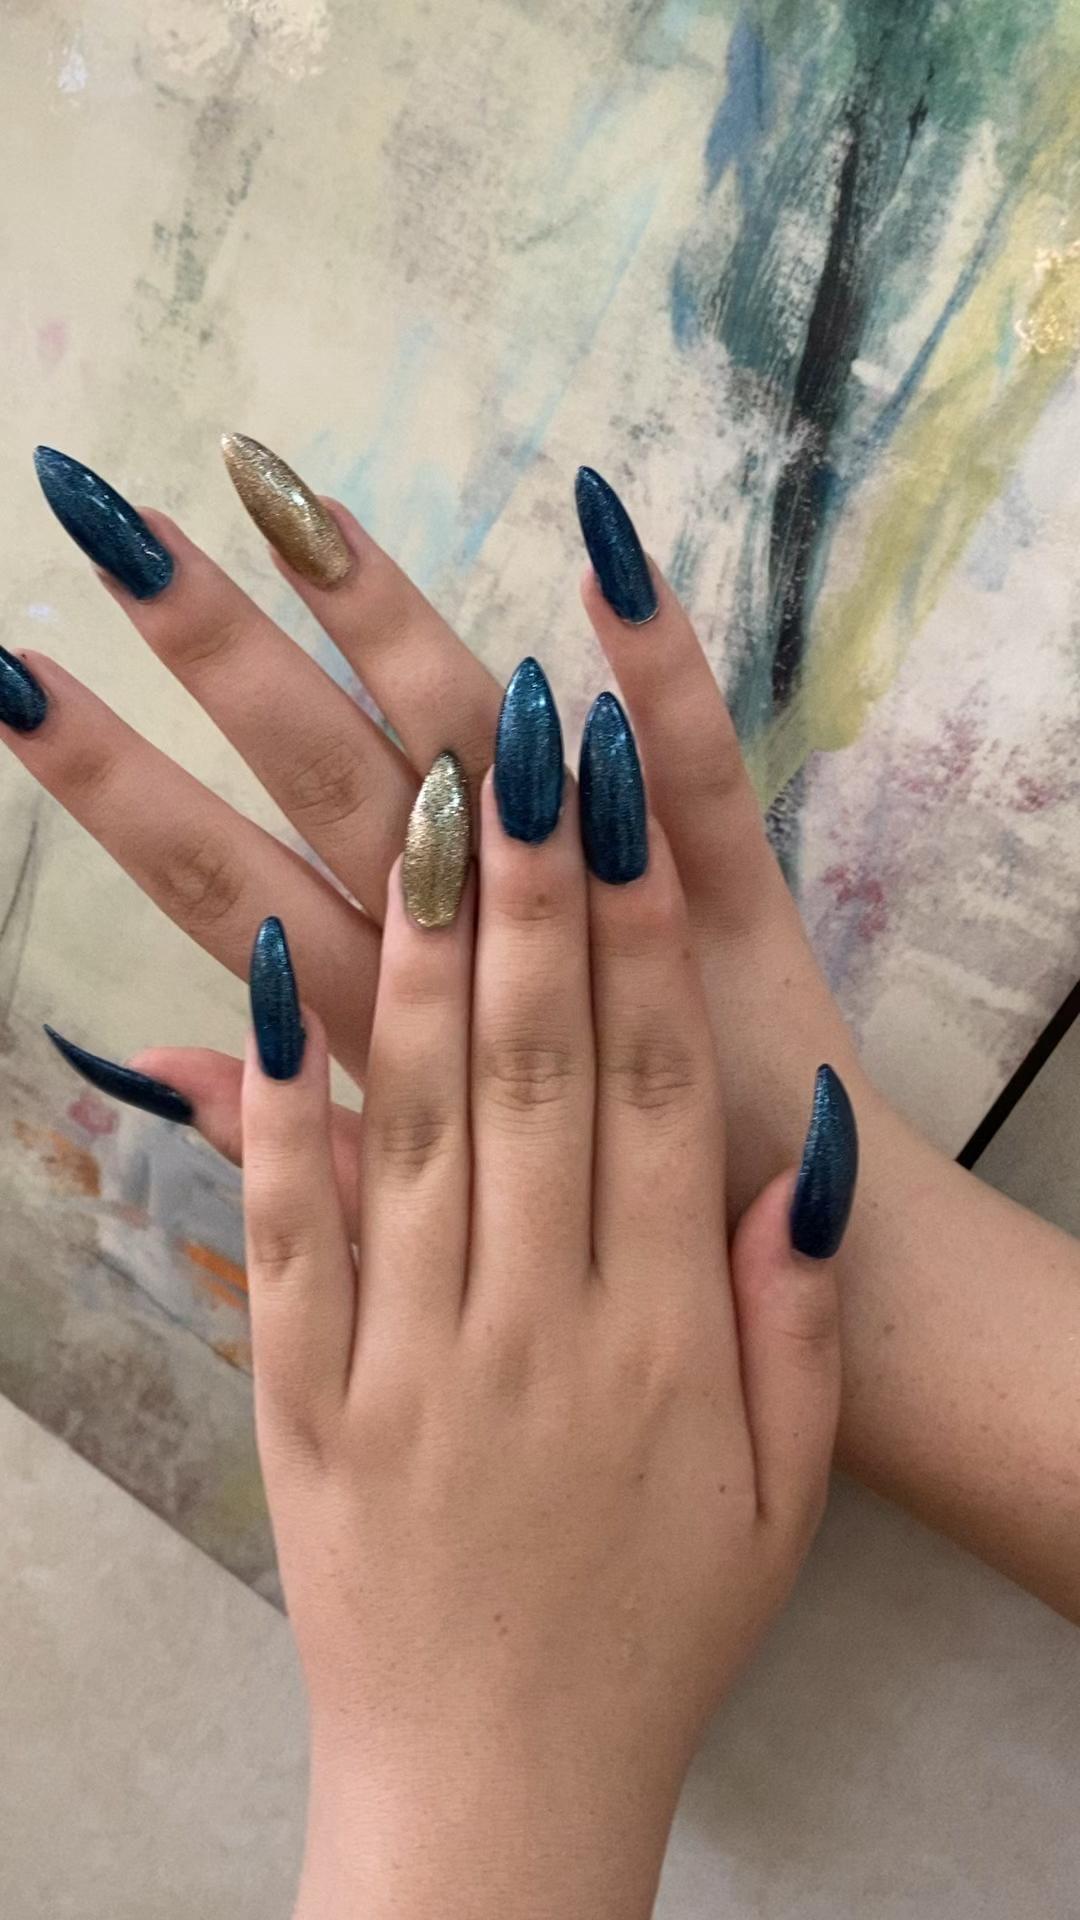 #nailsofinstagram #nails #stilettonails